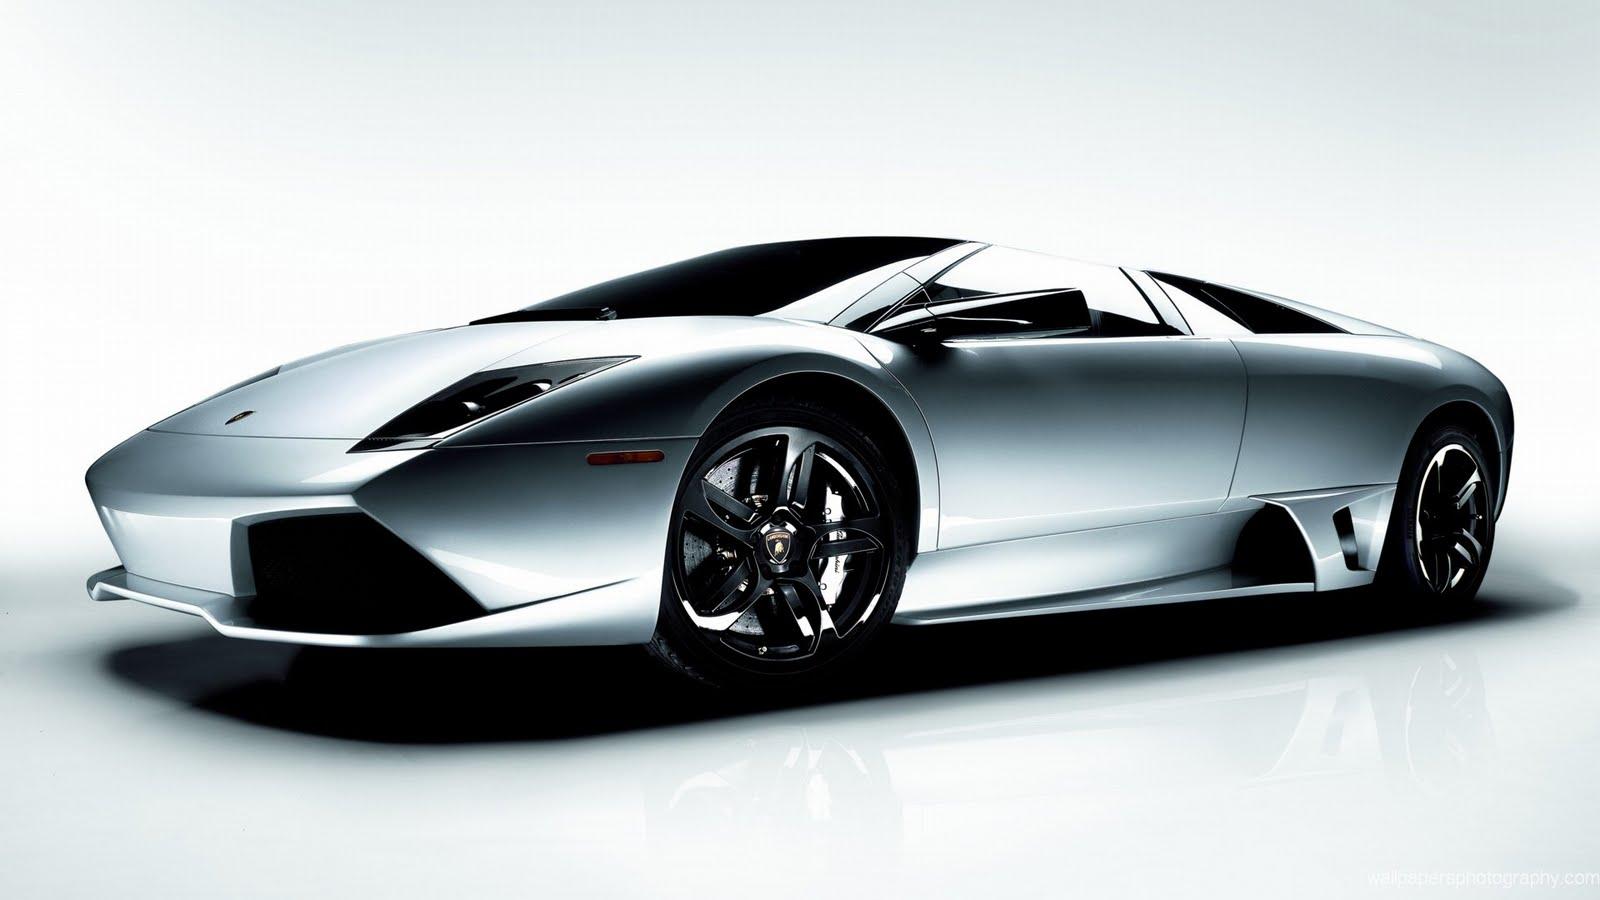 http://3.bp.blogspot.com/--H--gWDIVRw/Tj2JdpnRmQI/AAAAAAAAAIQ/YGTCyCJ096E/s1600/cars_hd_wallpaper_116.jpg